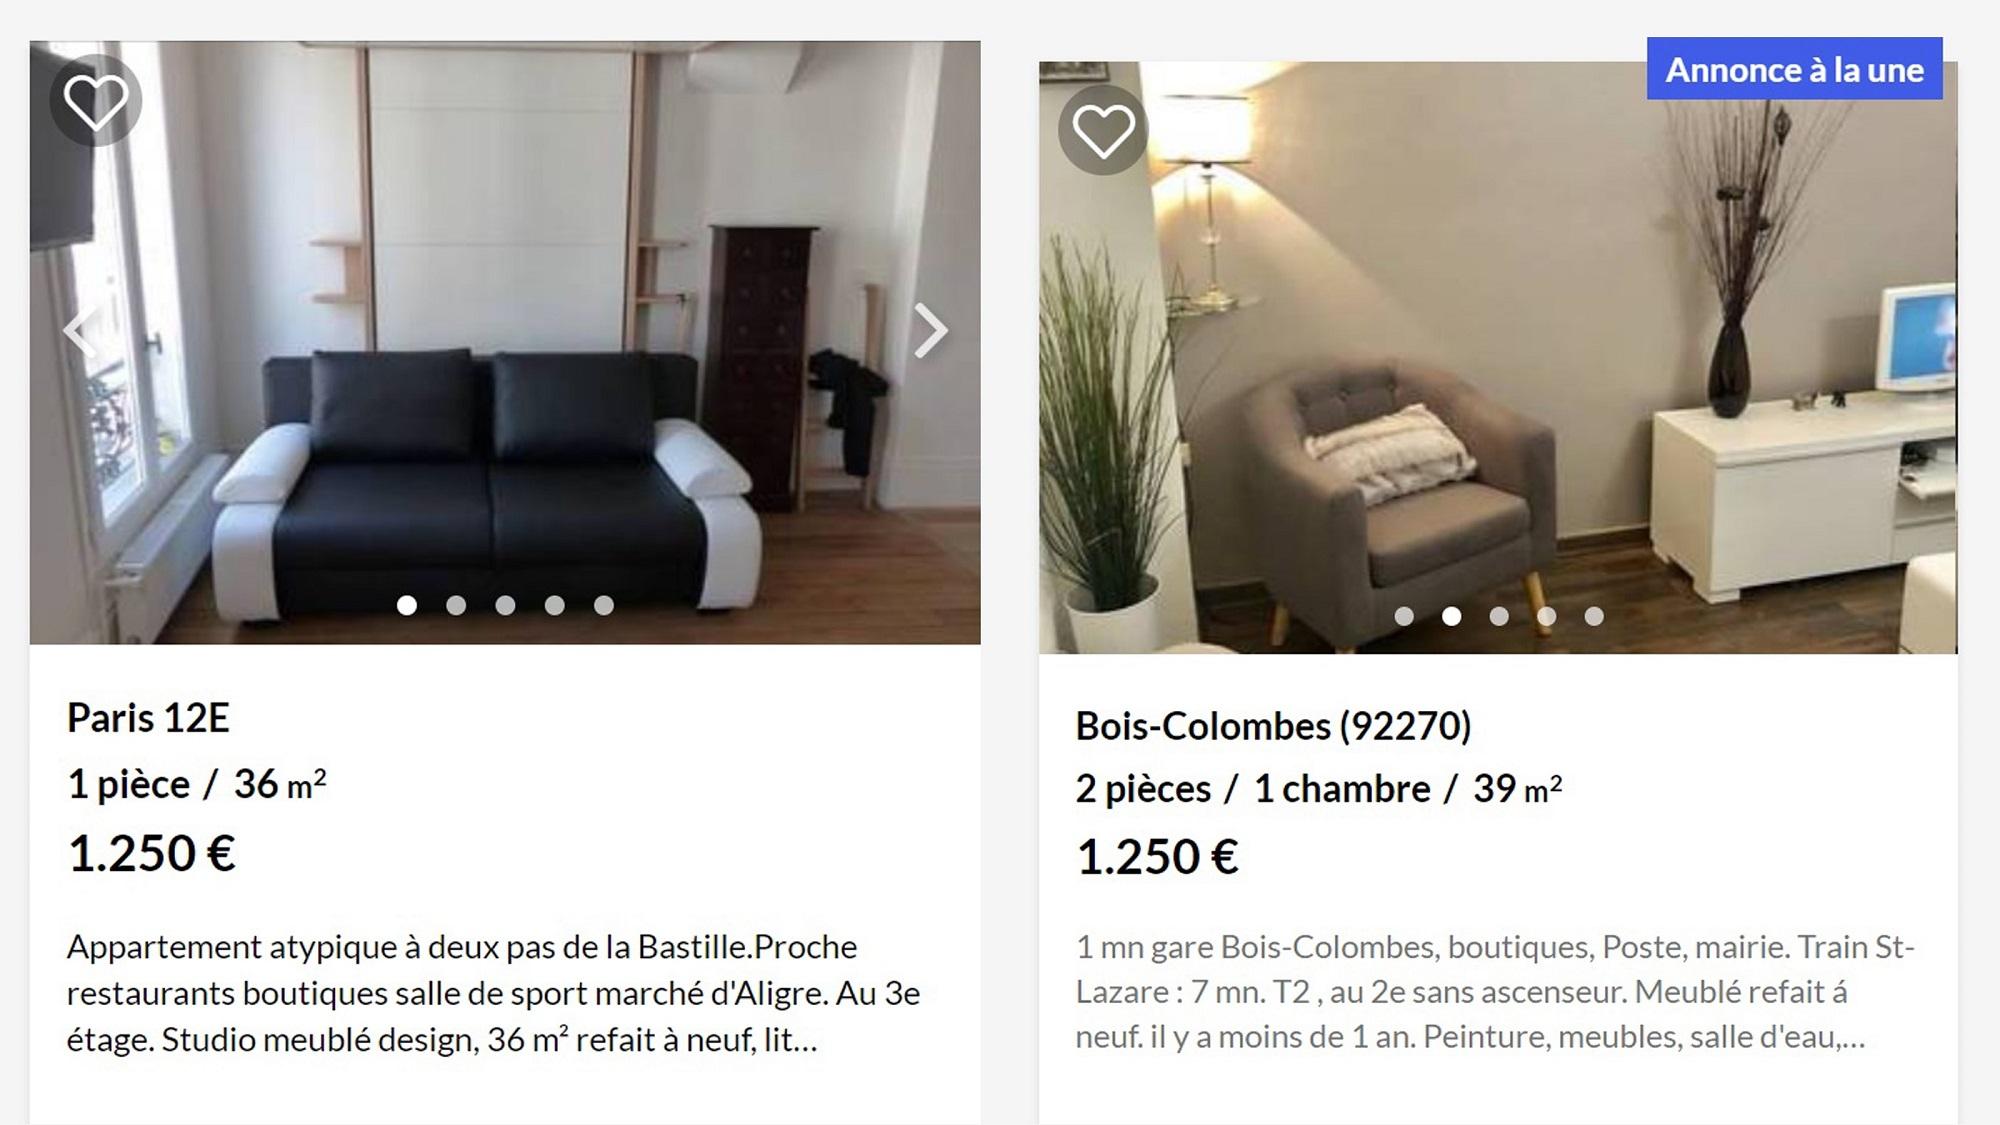 Примеры жилья. Слева квартира сосвежим ремонтом вцентре Парижа, справа — вотдаленном пригороде. Изобщественного транспорта туда ходит только поезд. Цена одинаковая, аметраж отличается